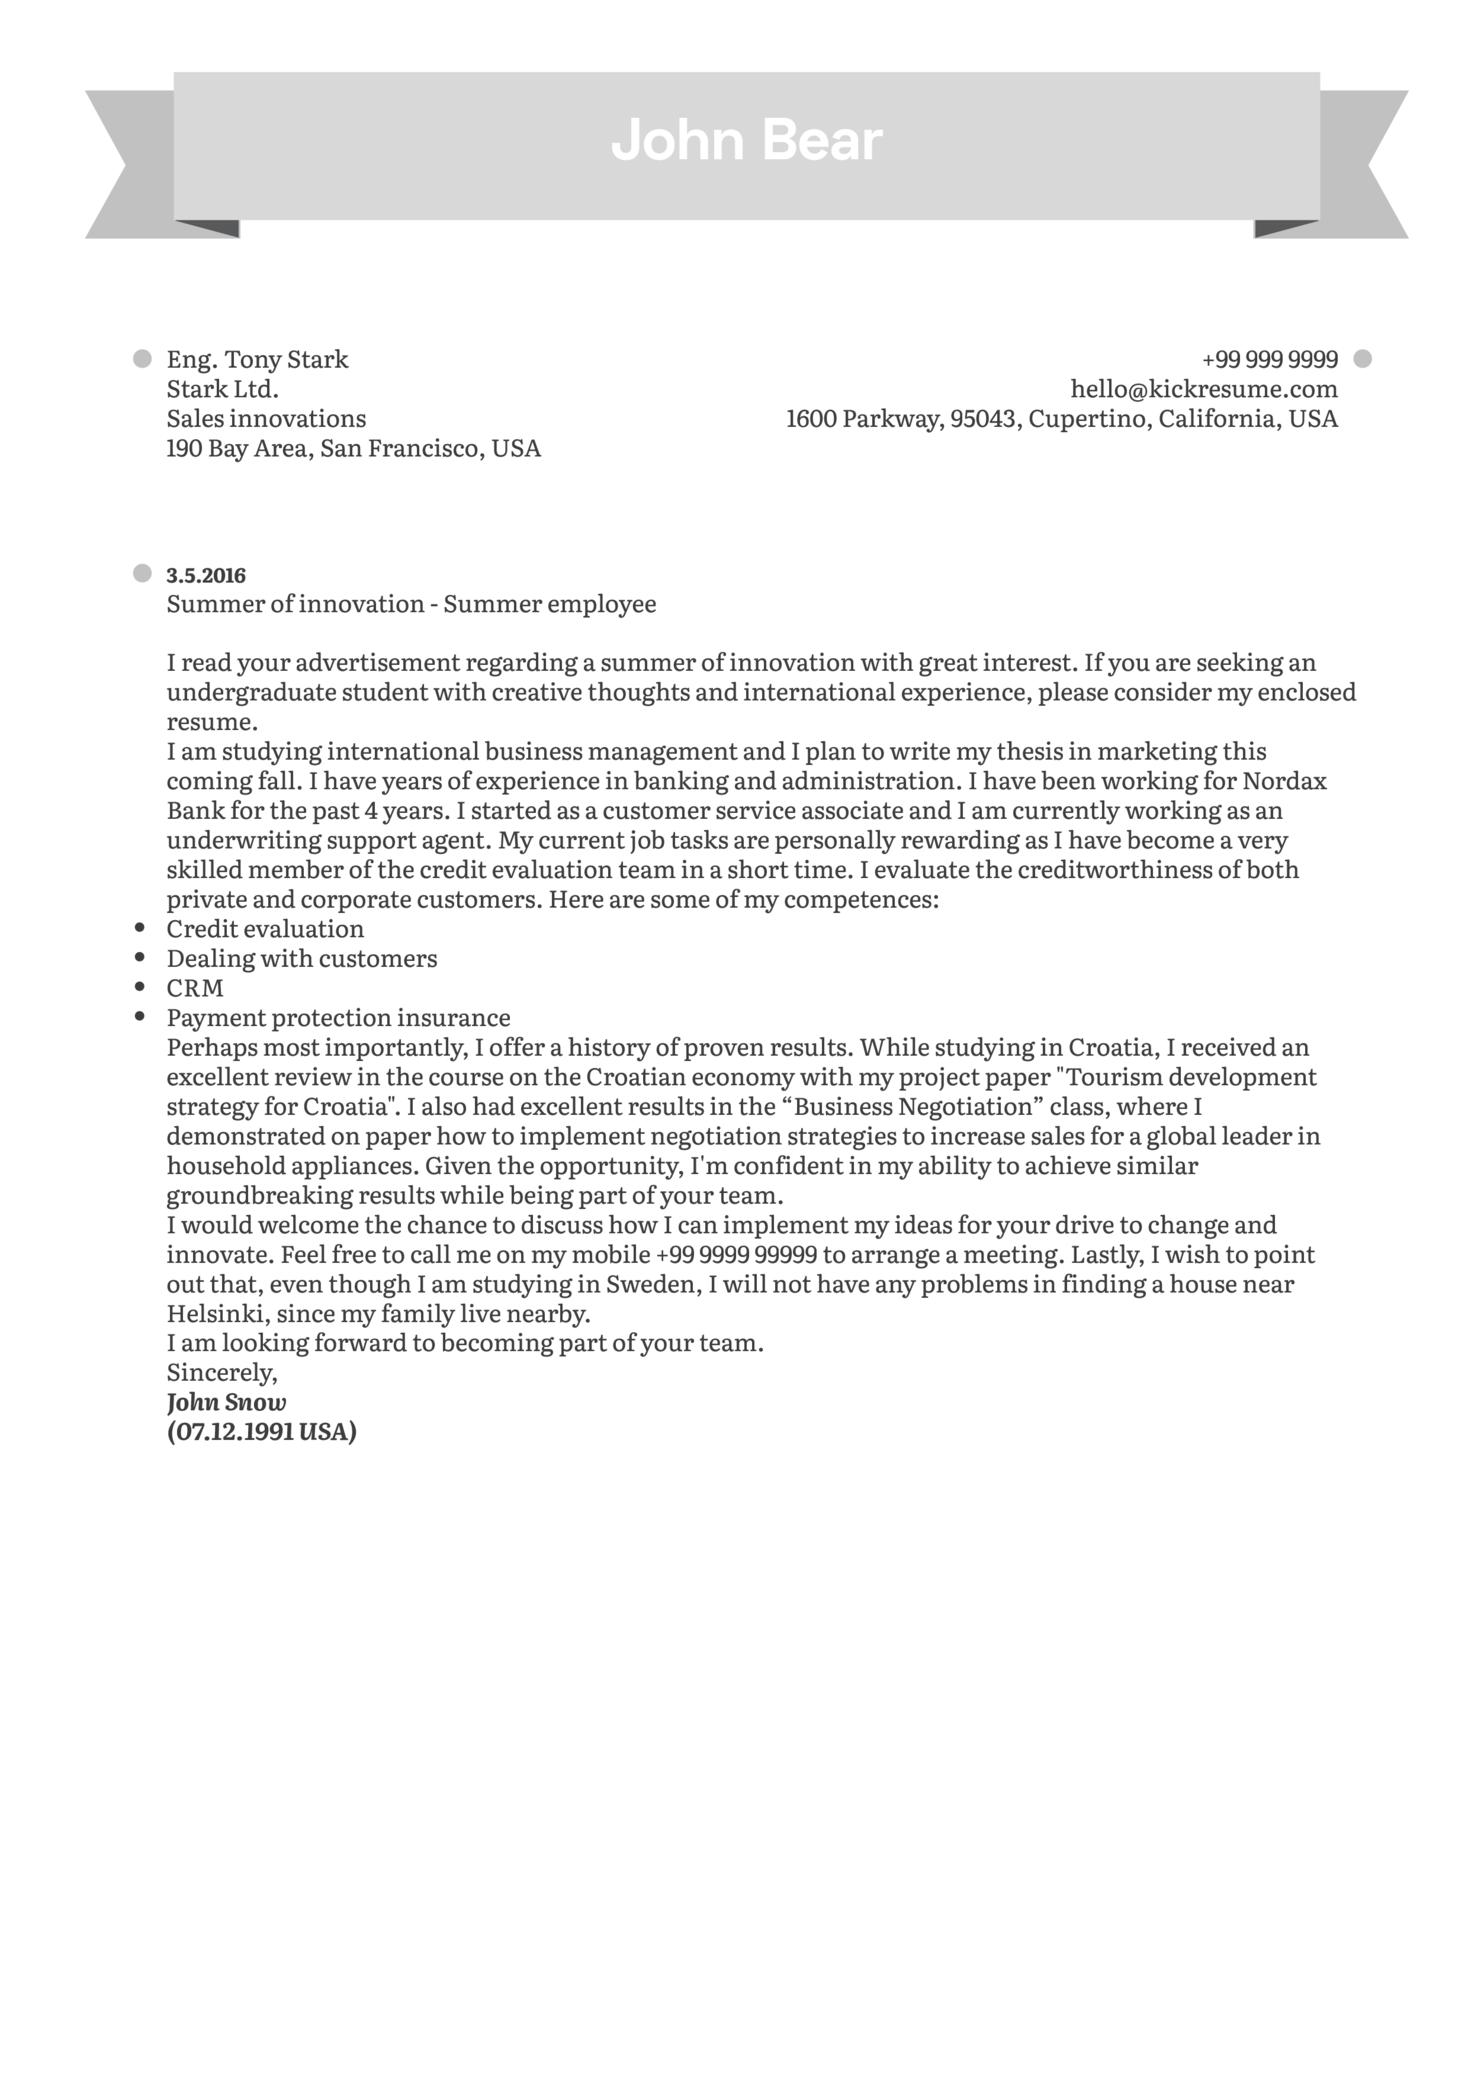 Student Summer Job Cover Letter Sample